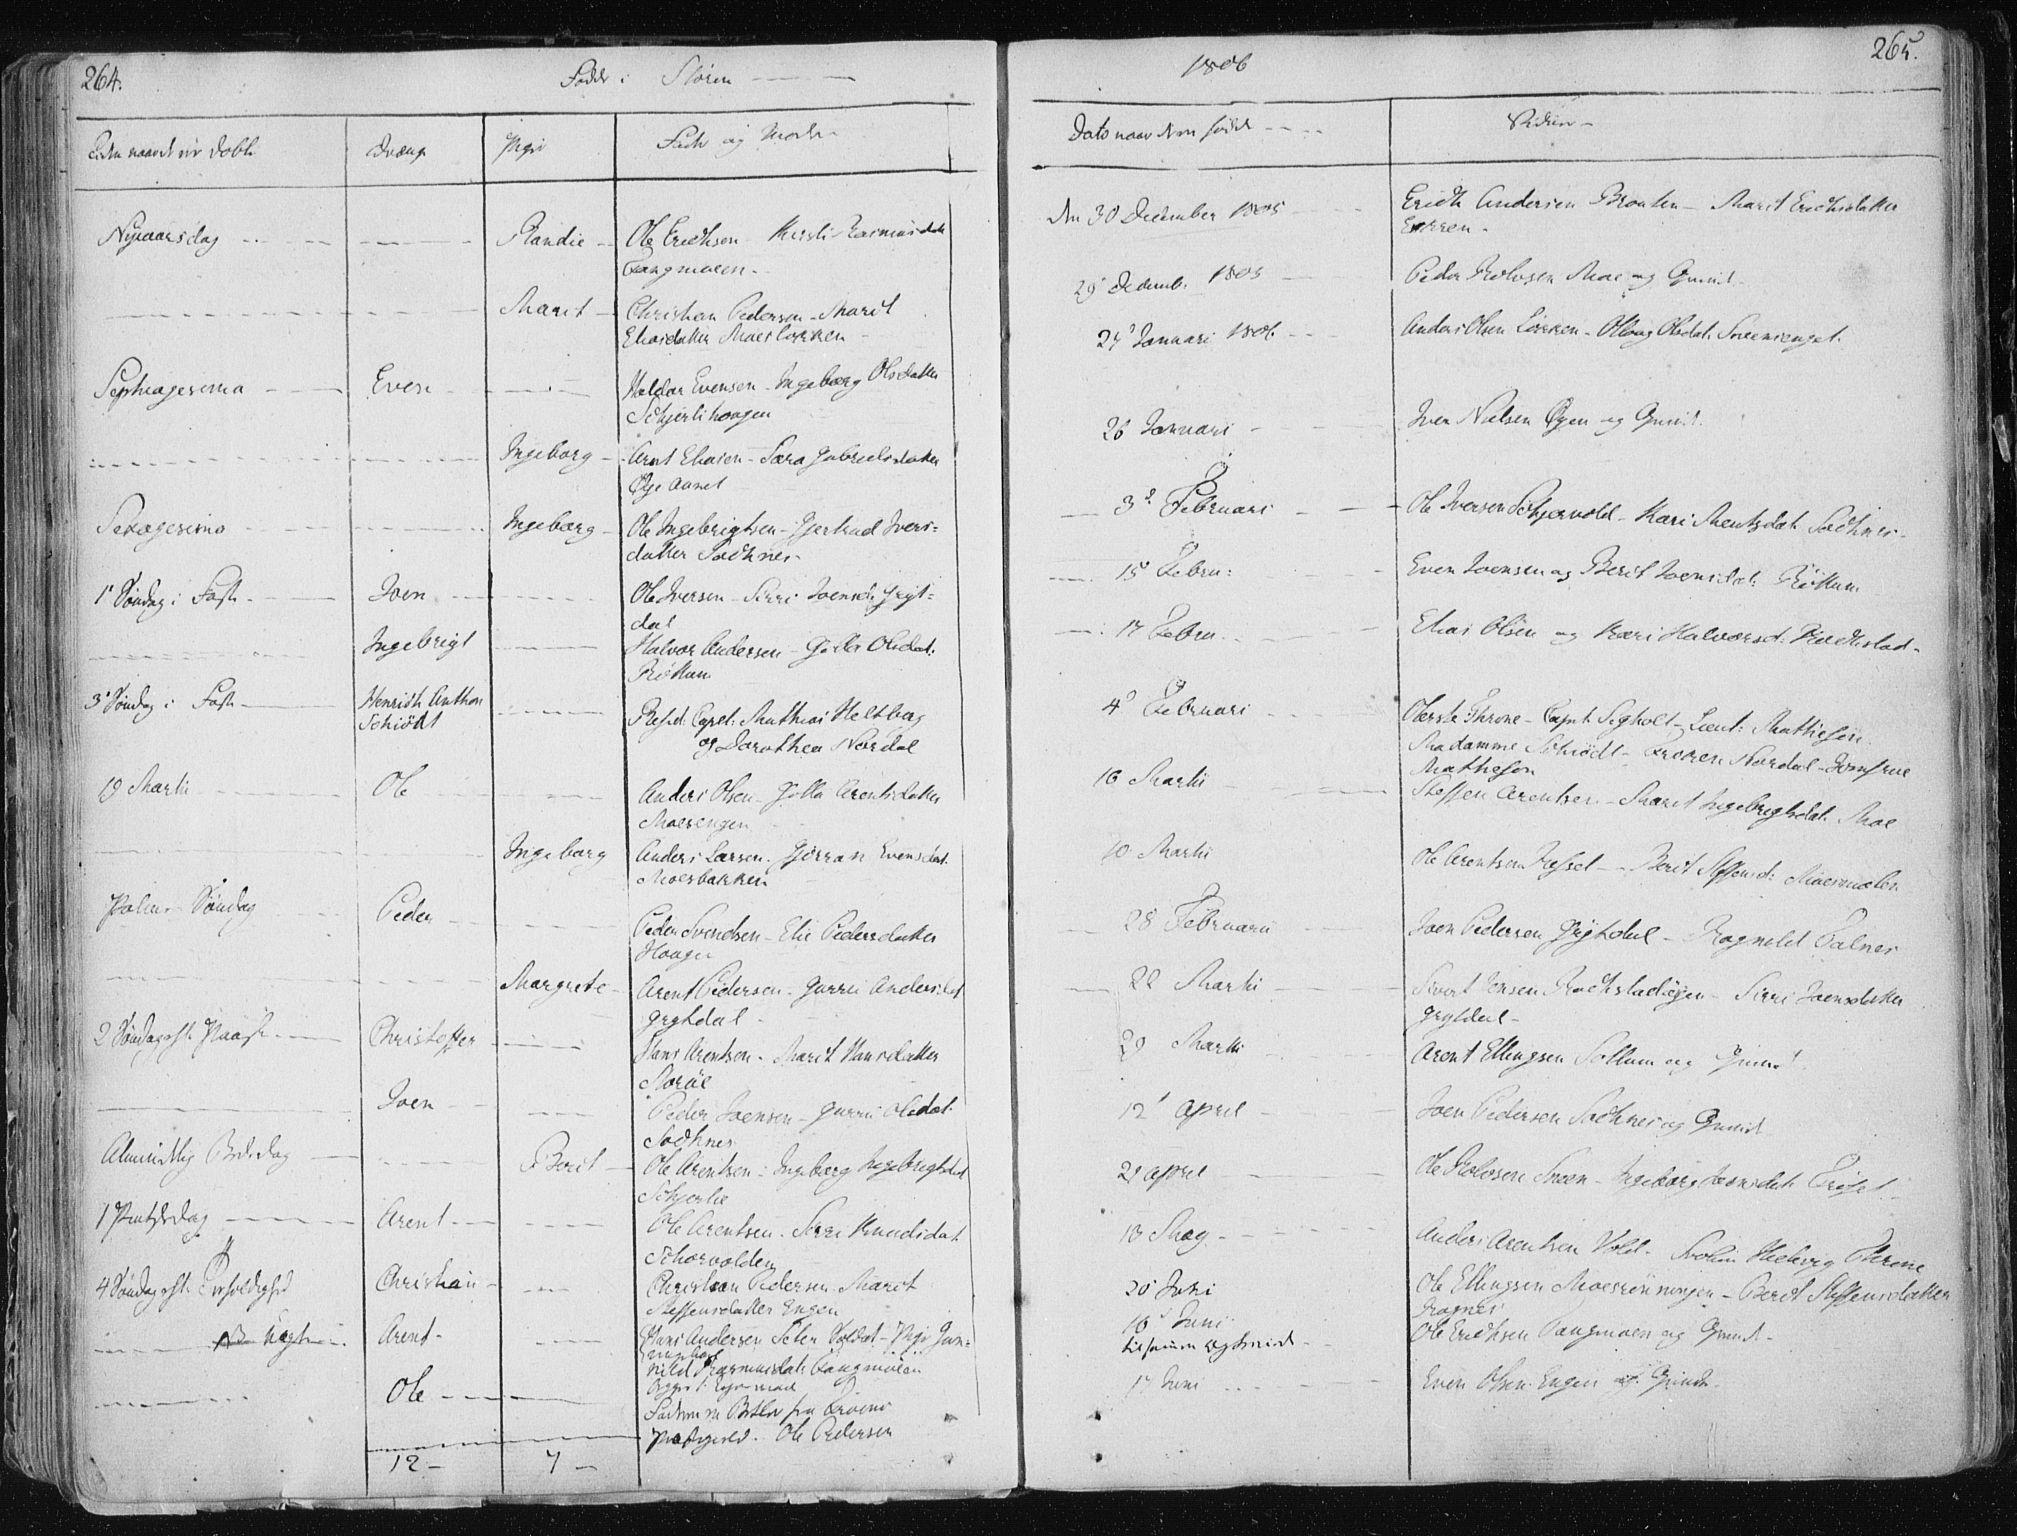 SAT, Ministerialprotokoller, klokkerbøker og fødselsregistre - Sør-Trøndelag, 687/L0992: Ministerialbok nr. 687A03 /1, 1788-1815, s. 264-265